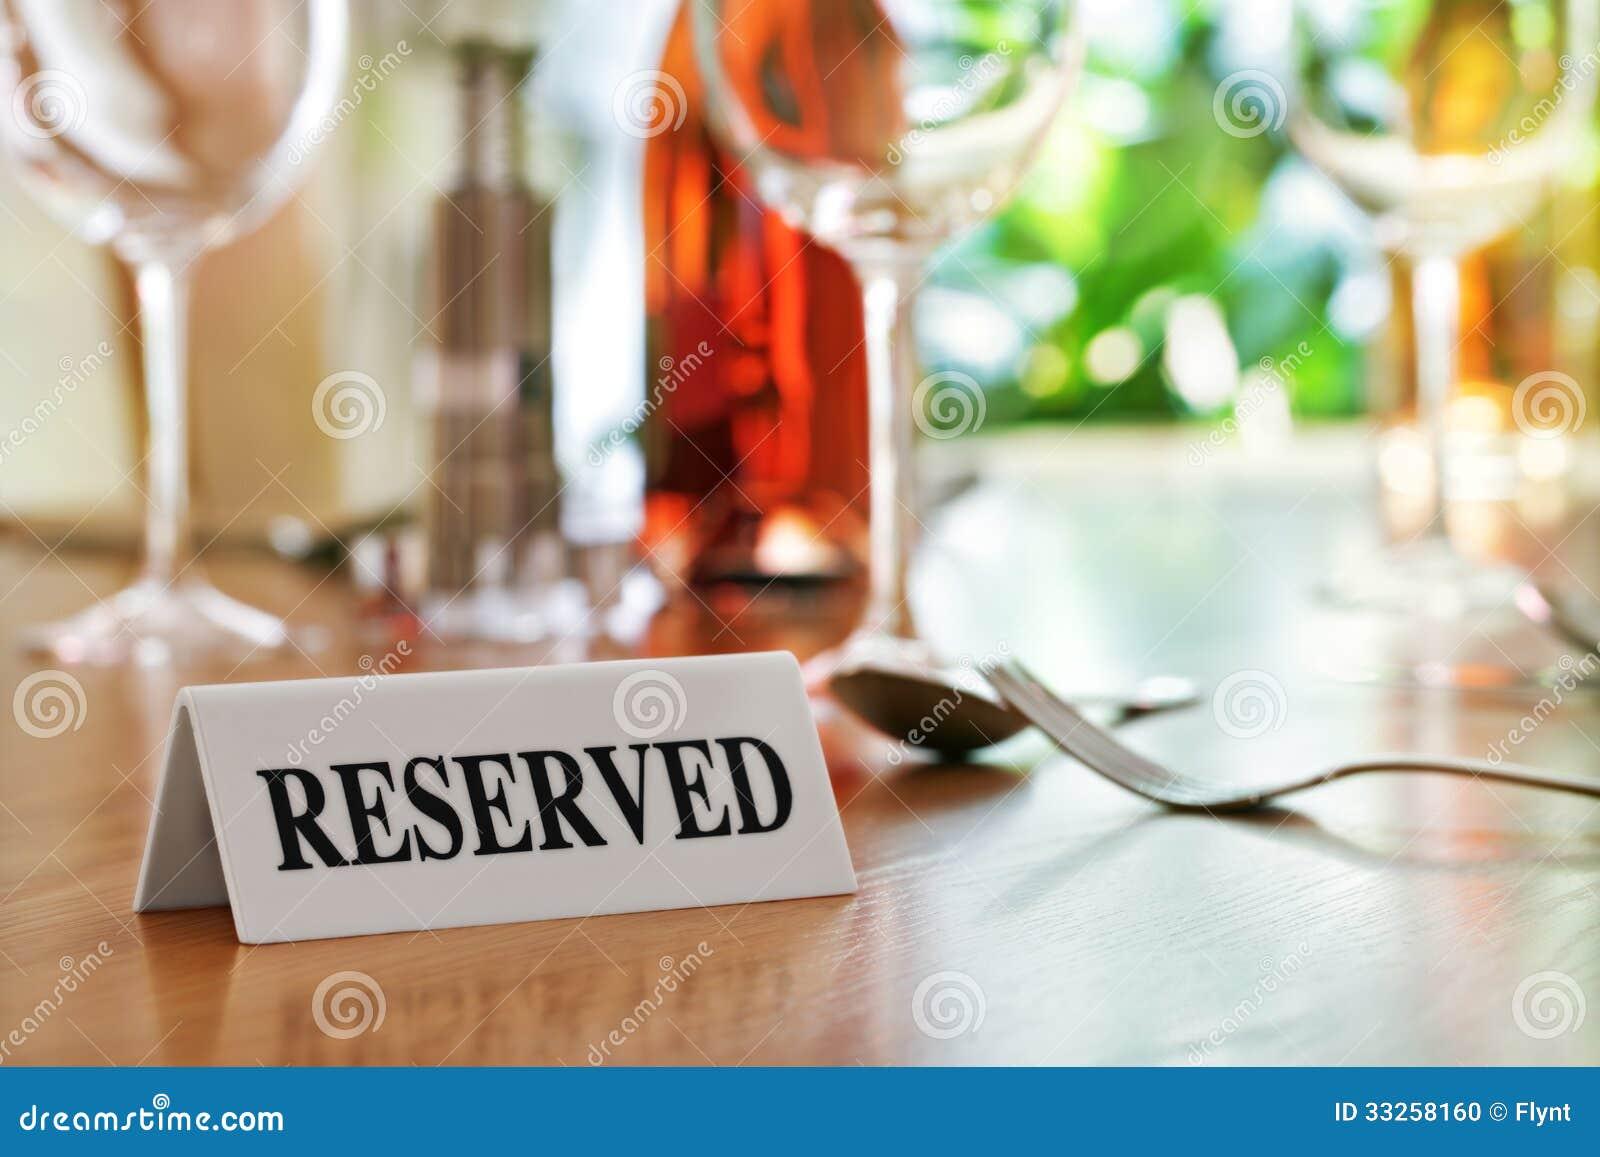 Restaurant gereserveerd lijstteken